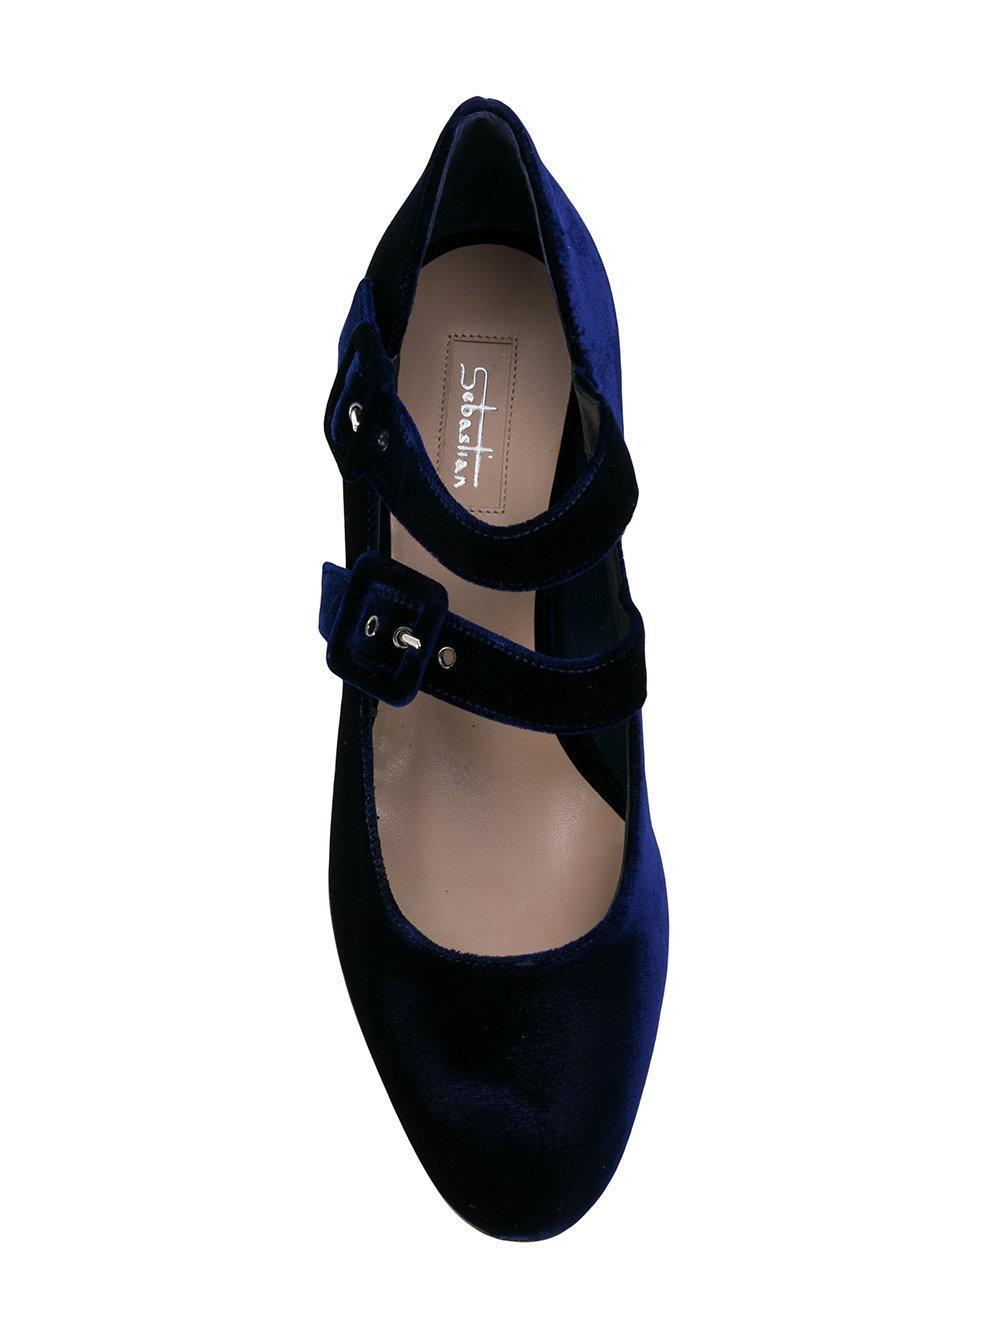 Sebastian Double Buckle Embellished Heel Pumps In Blue Lyst